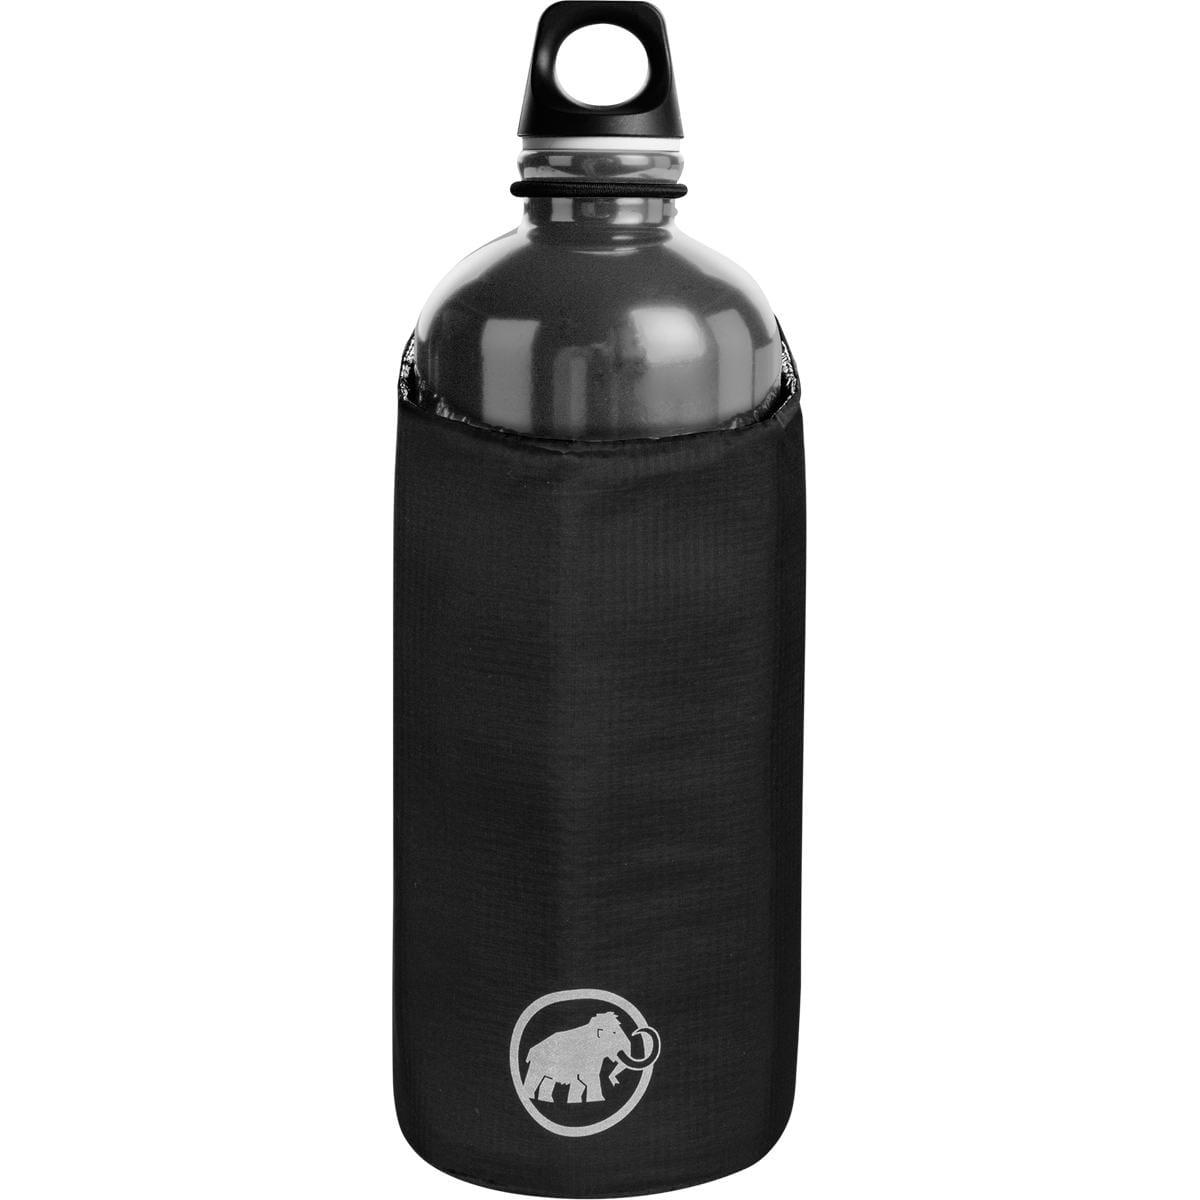 Mammut Add-on Bottle Holder Insulated Größe S - Flaschenhalter - Bild 3